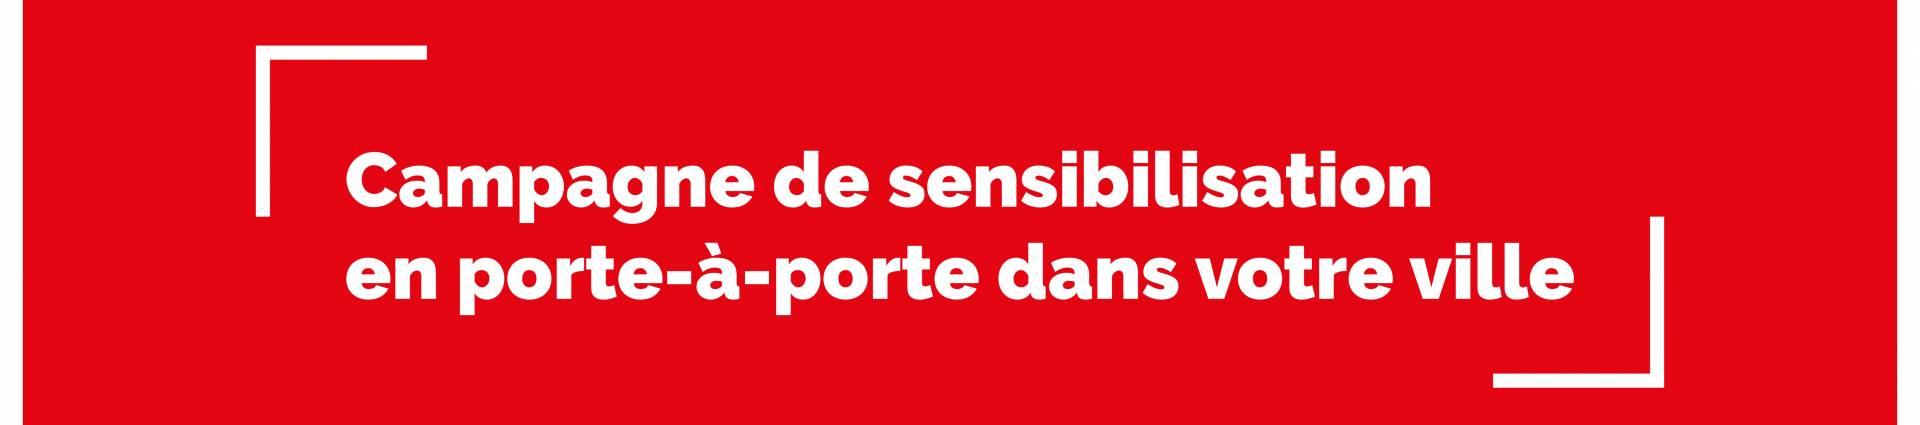 CAMPAGNE DE SENSIBILISATION CROIX ROUGE